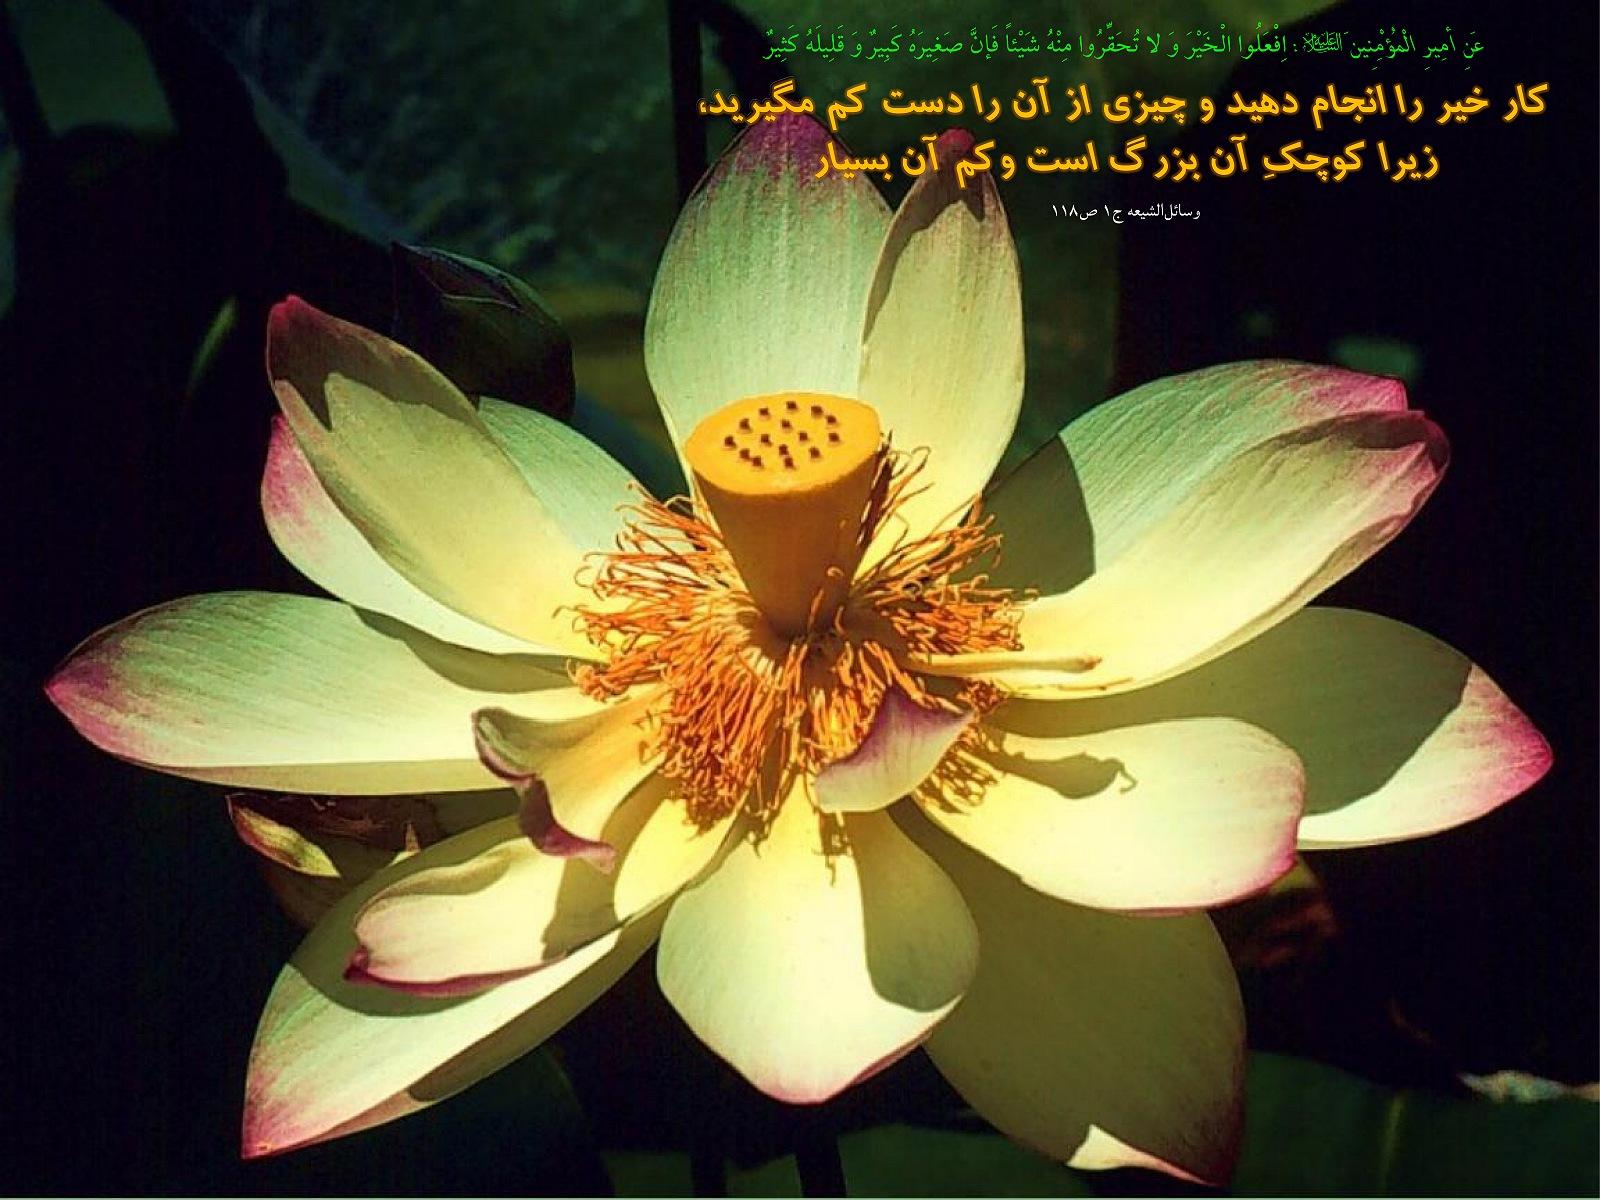 http://anti211.persiangig.com/hidith-tasviri/641Hadis%20H186.jpg